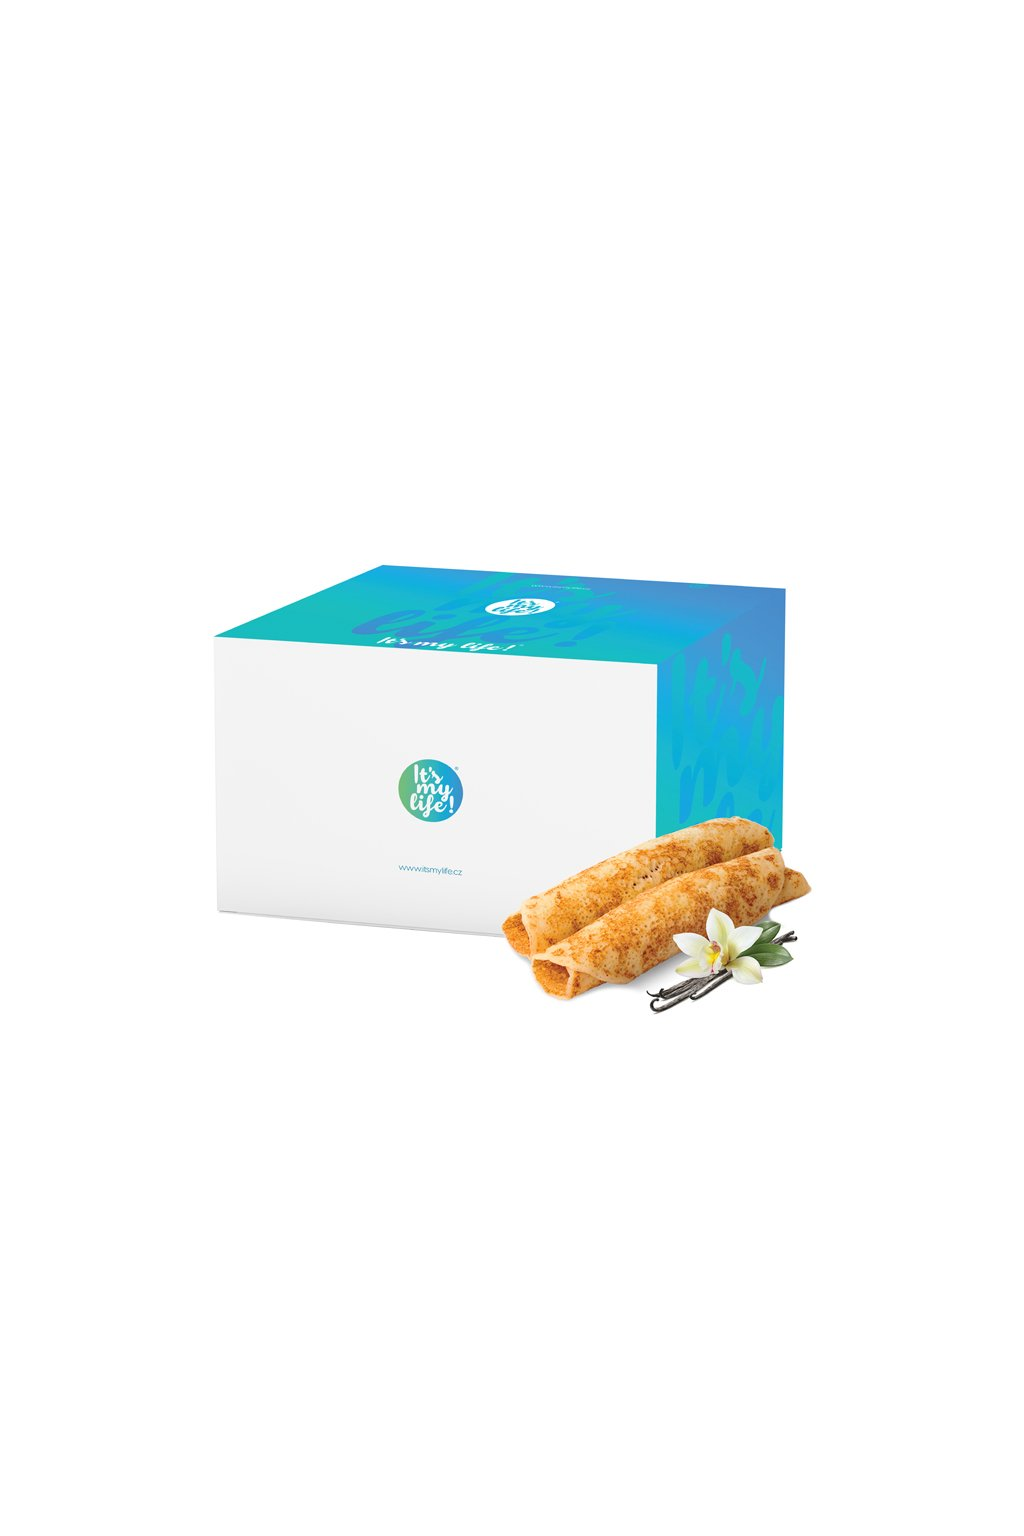 Sladké proteínové palacinky, 800g (20porcií)